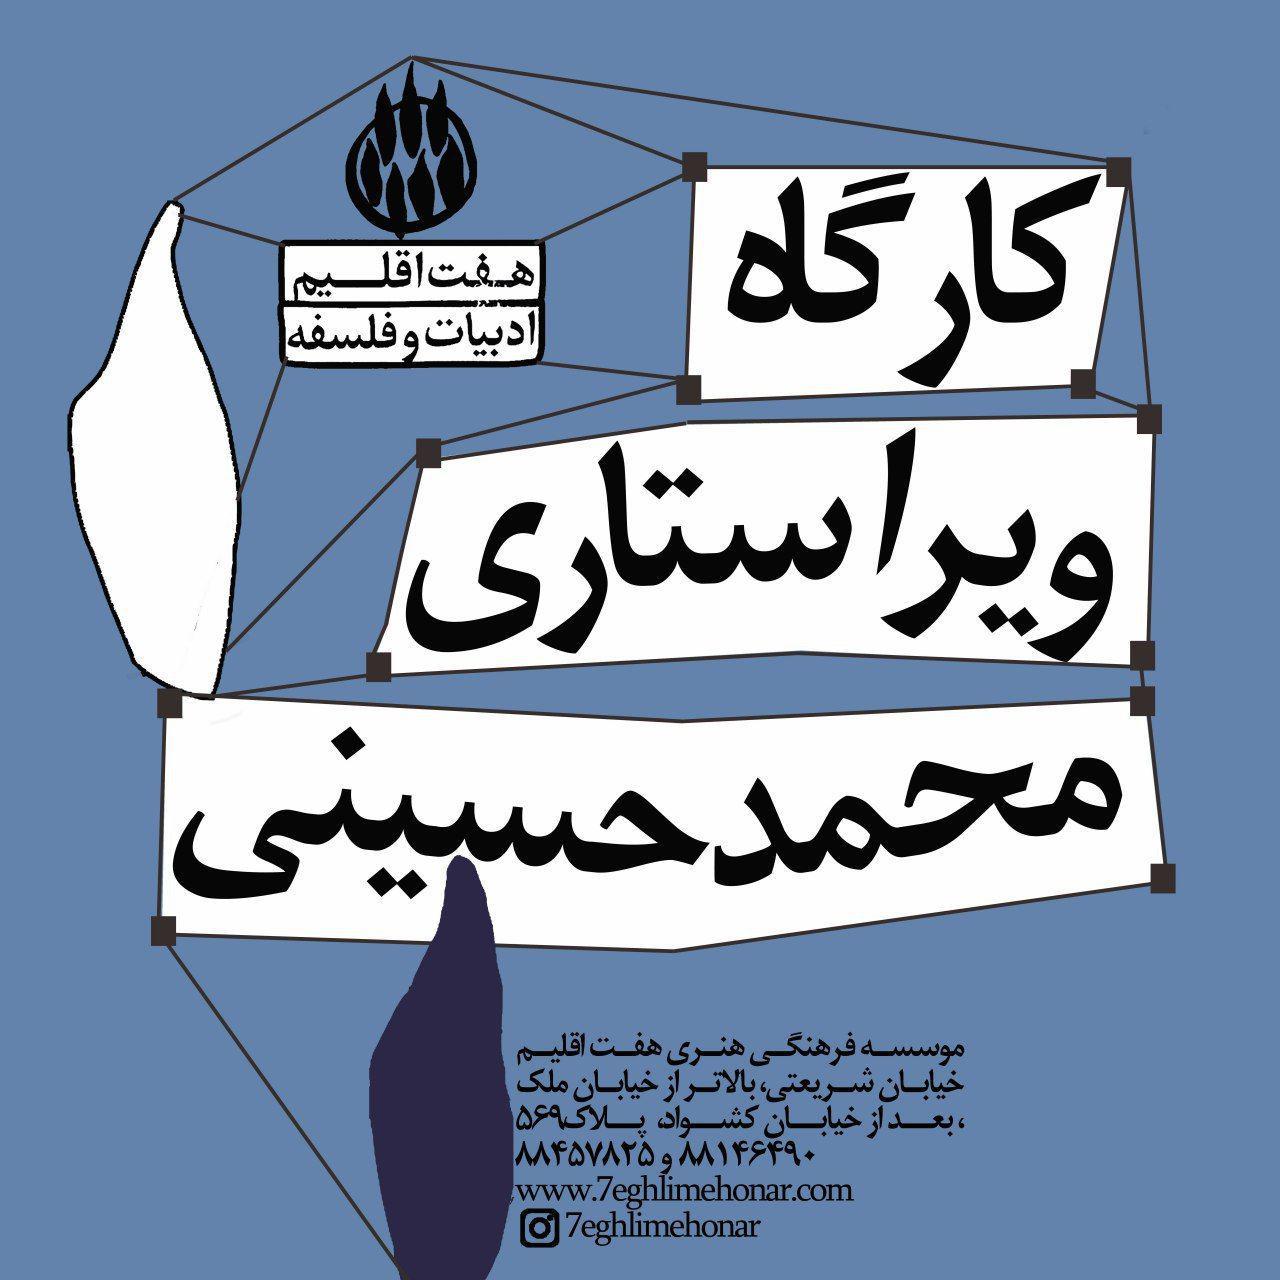 کارگاه  ویراستاری (ویرایش- زبان داستان) با تدریس محمد حسینی